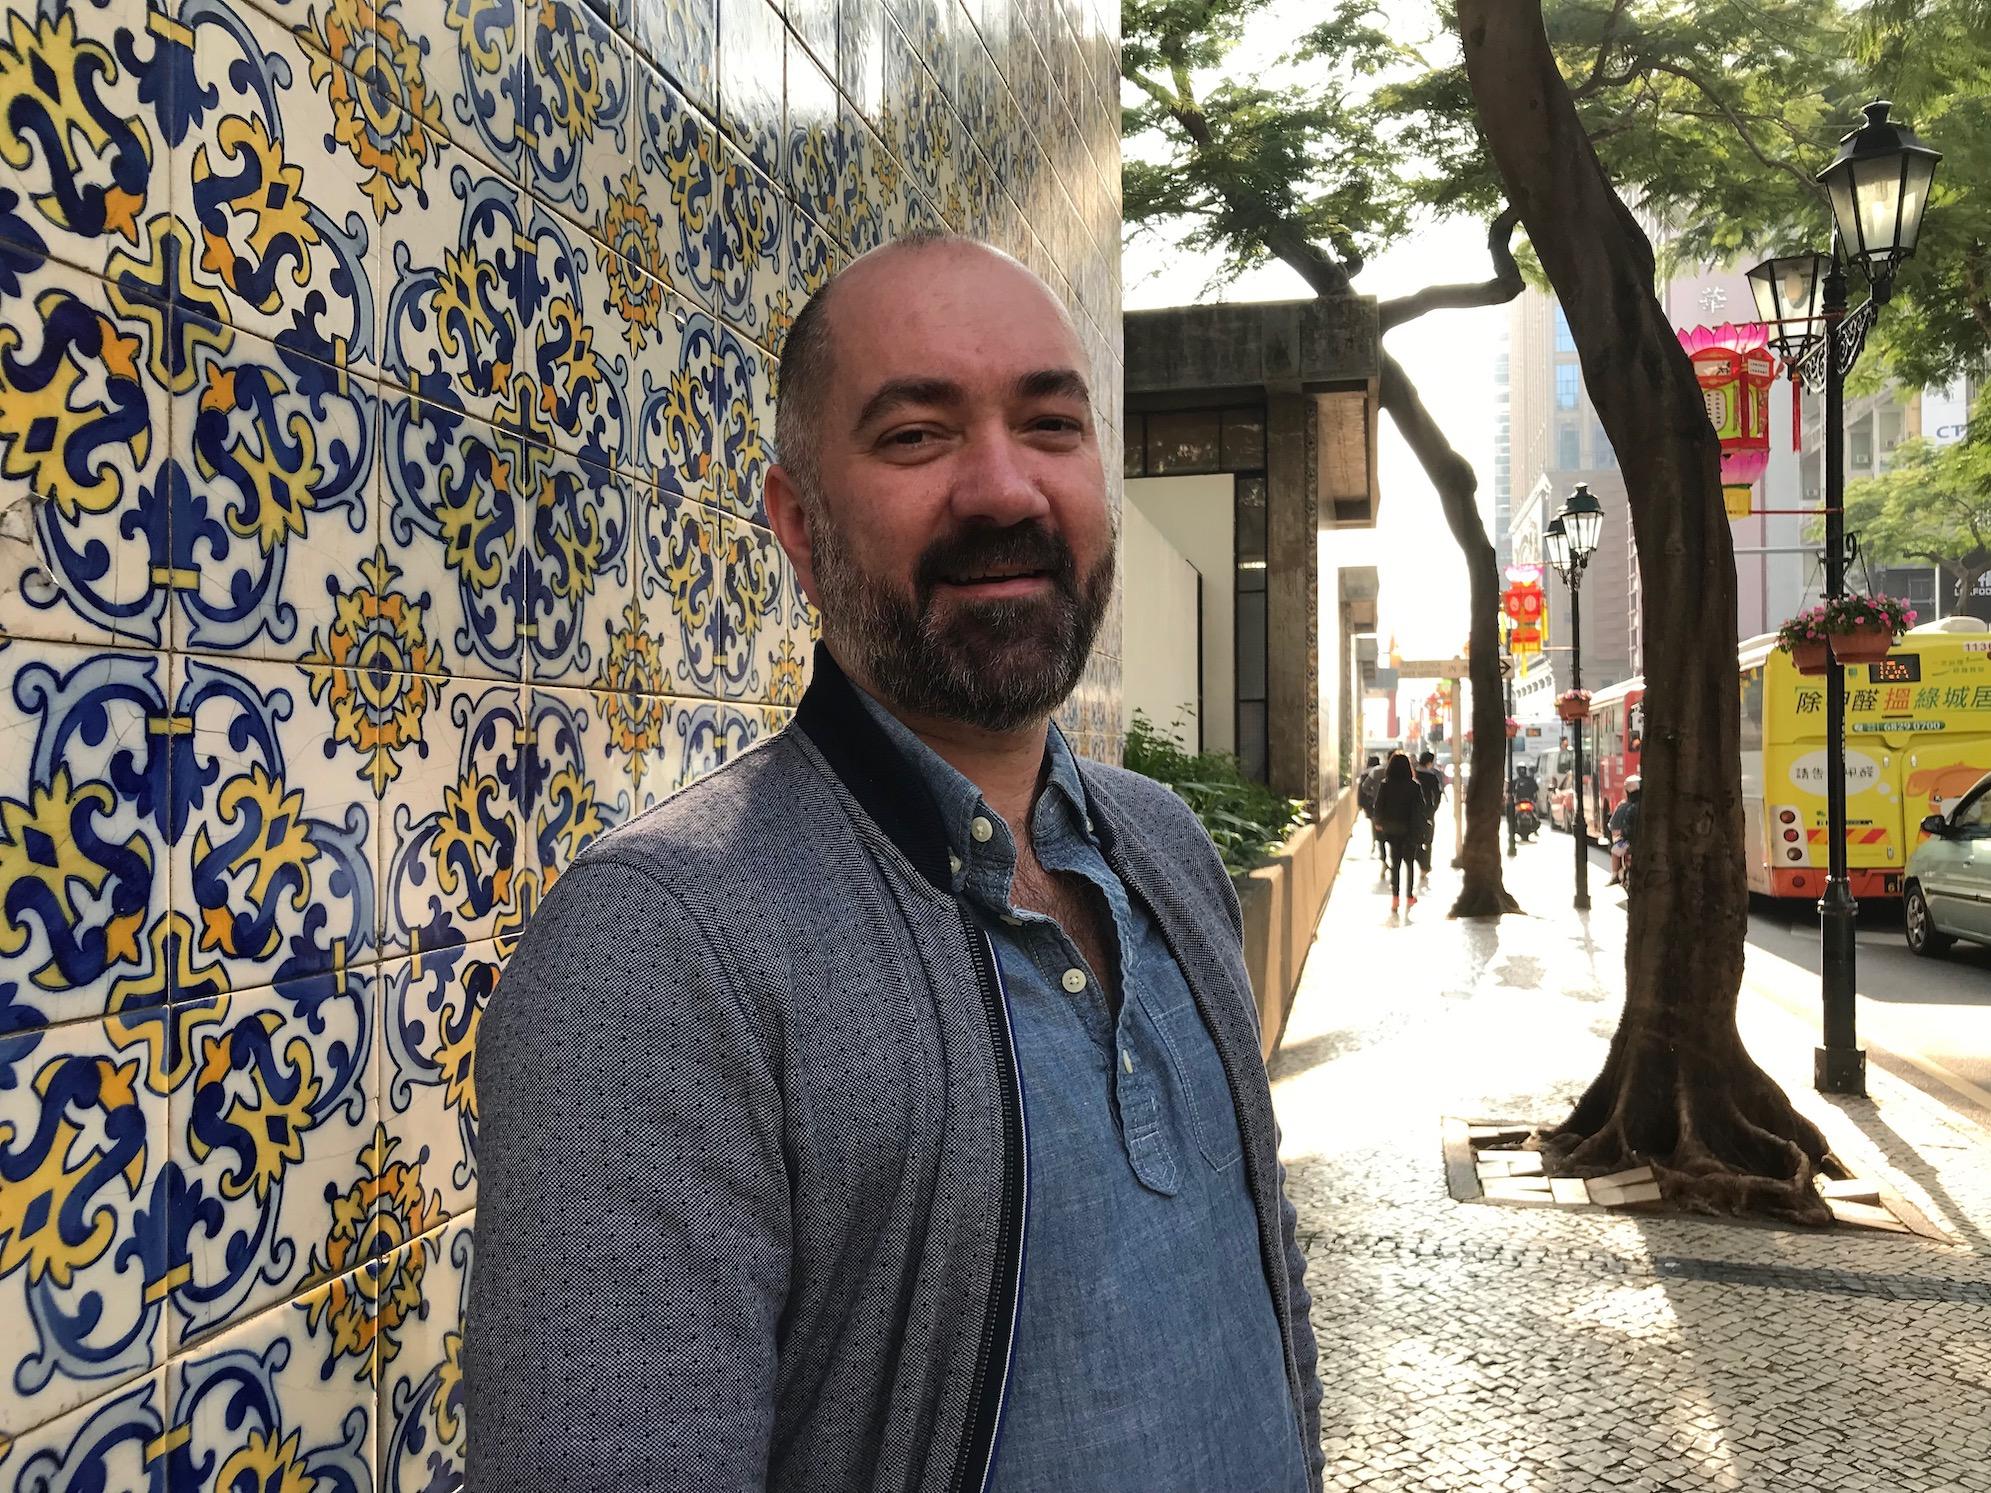 Rogério Miguel Puga estudou as referências culturais nos livros de Deolinda da Conceição e Henrique de Senna Fernandes